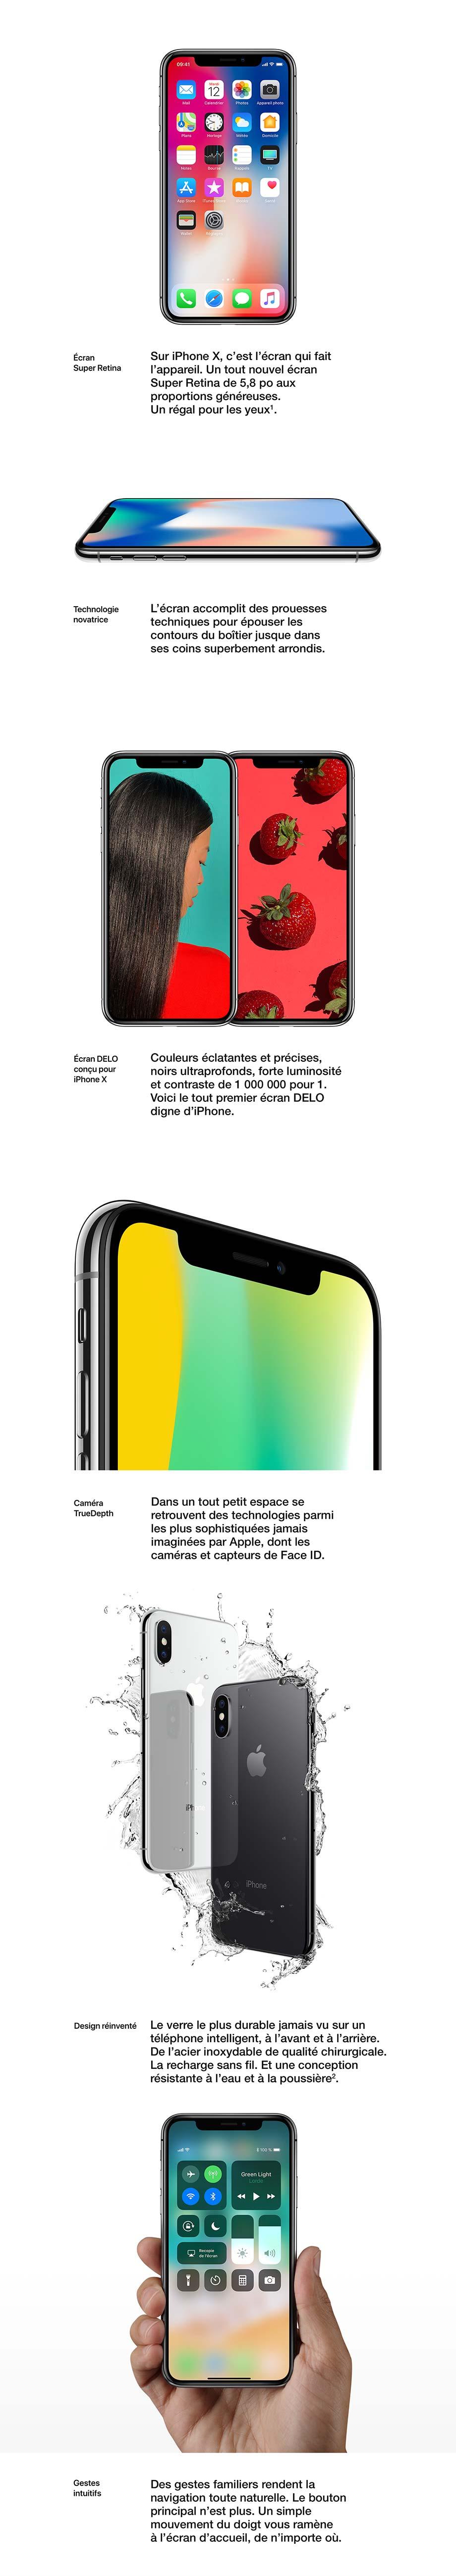 Écran Super Retina, Technologie novatrice, Écran DELO conçu pour iPhone X, Caméra TrueDepth, Design réinventé, Gestes intuitifs